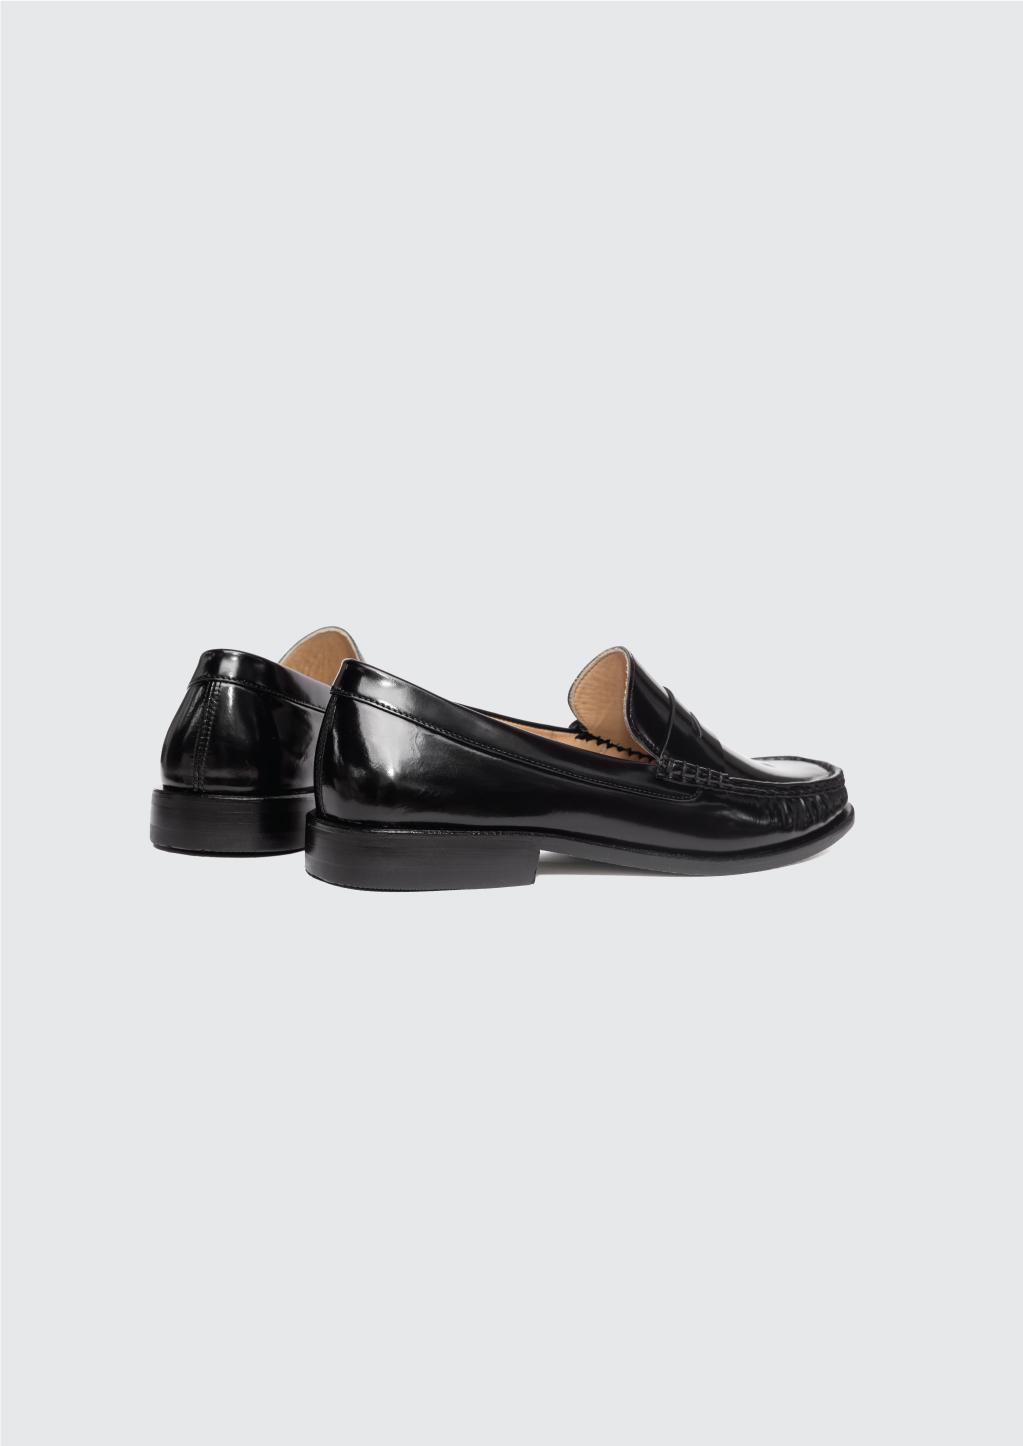 รองเท้า,รองเท้าหุ้มส้น,รองเท้าหนัง,รองเท้าผู้ชาย